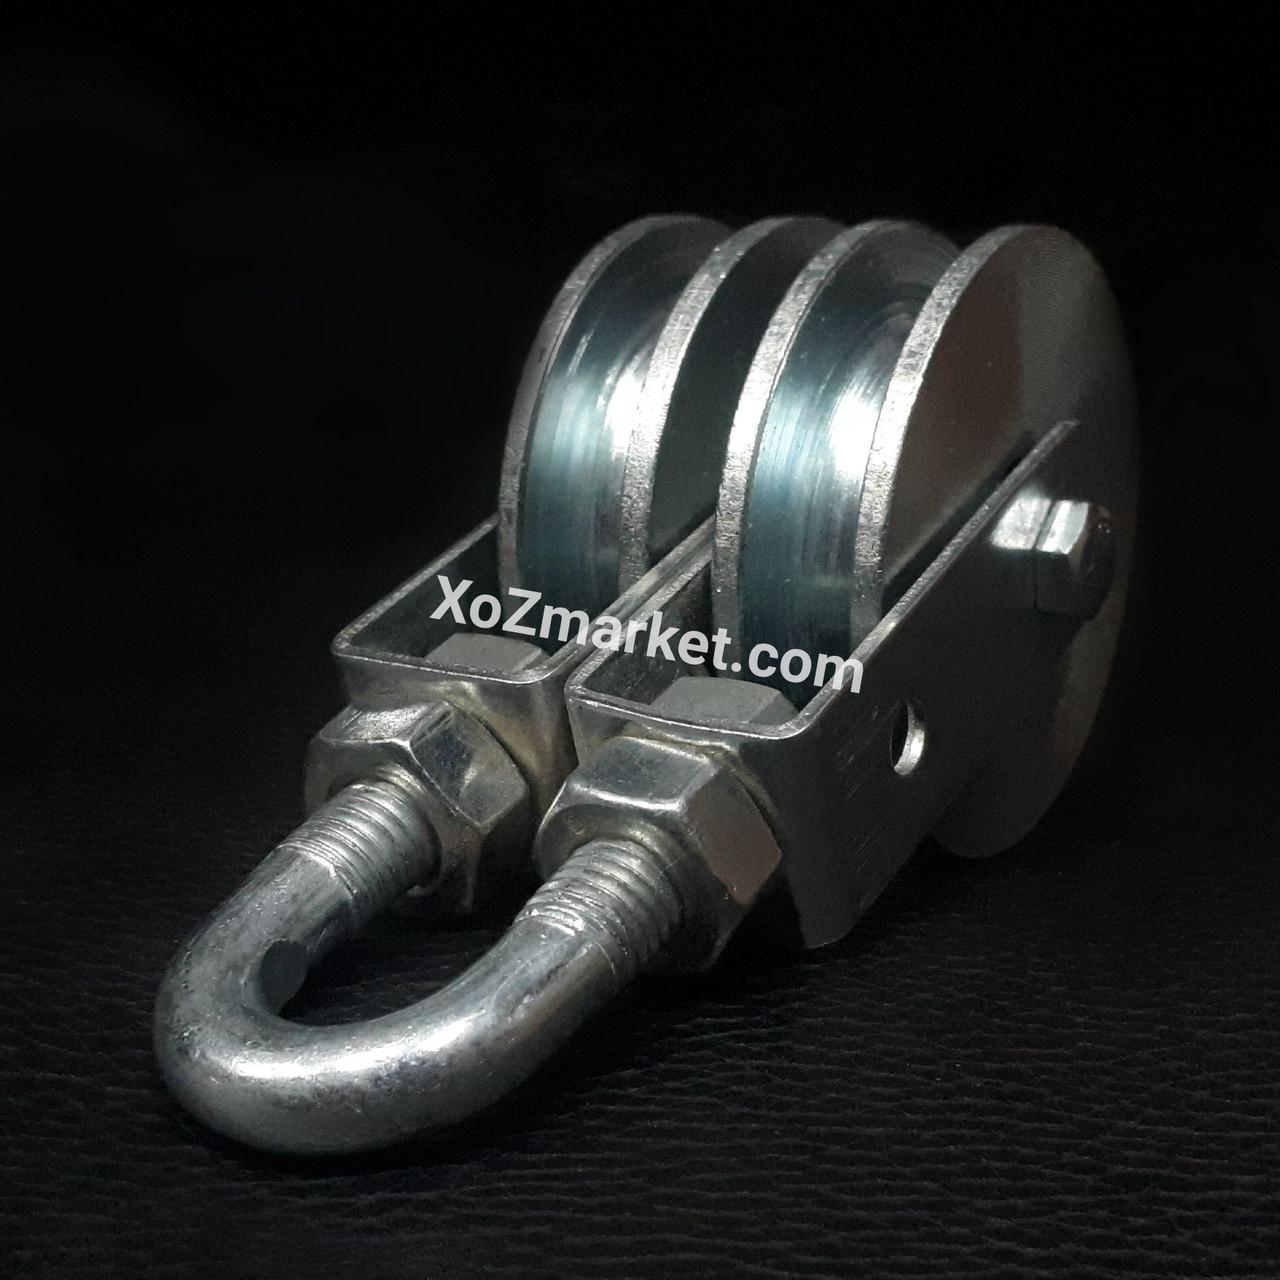 Подвійний блок 56 мм монтажний з підшипником (Подвійний металевий блок з підшипником)